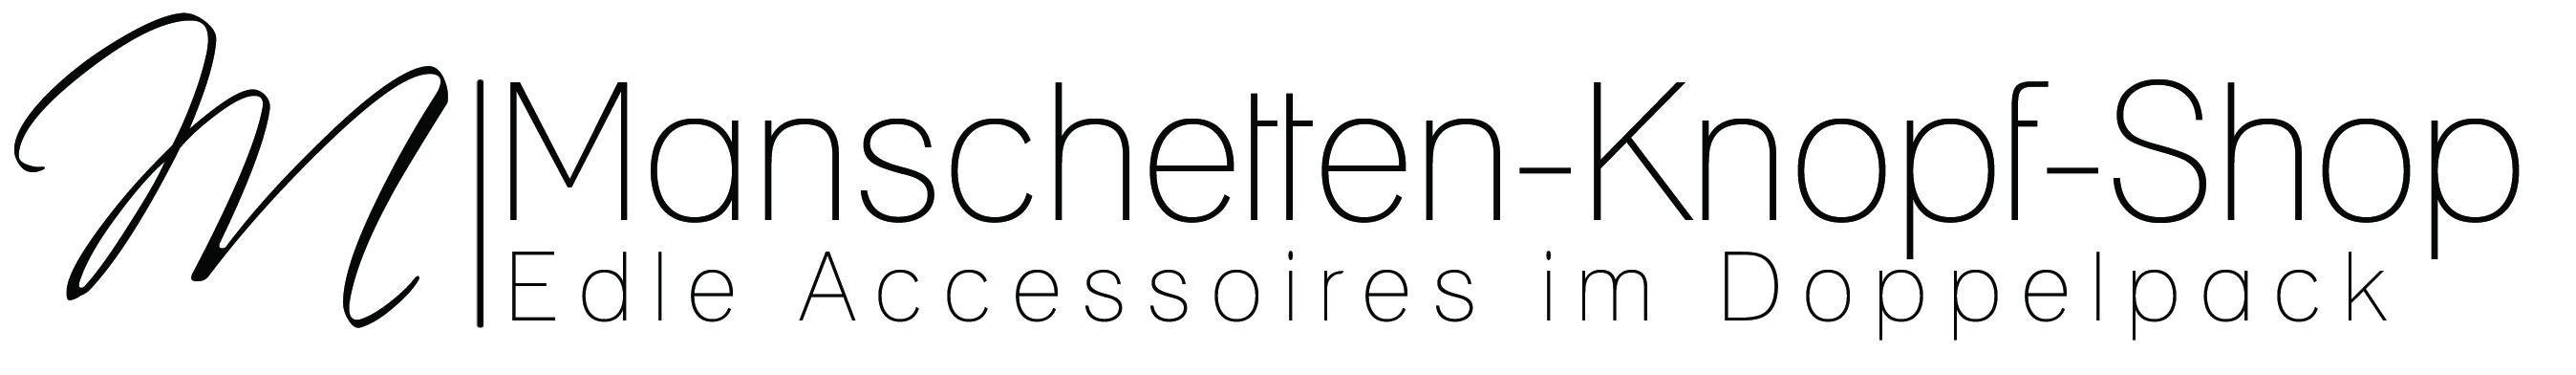 Manschetten-Knopf-Shop.de